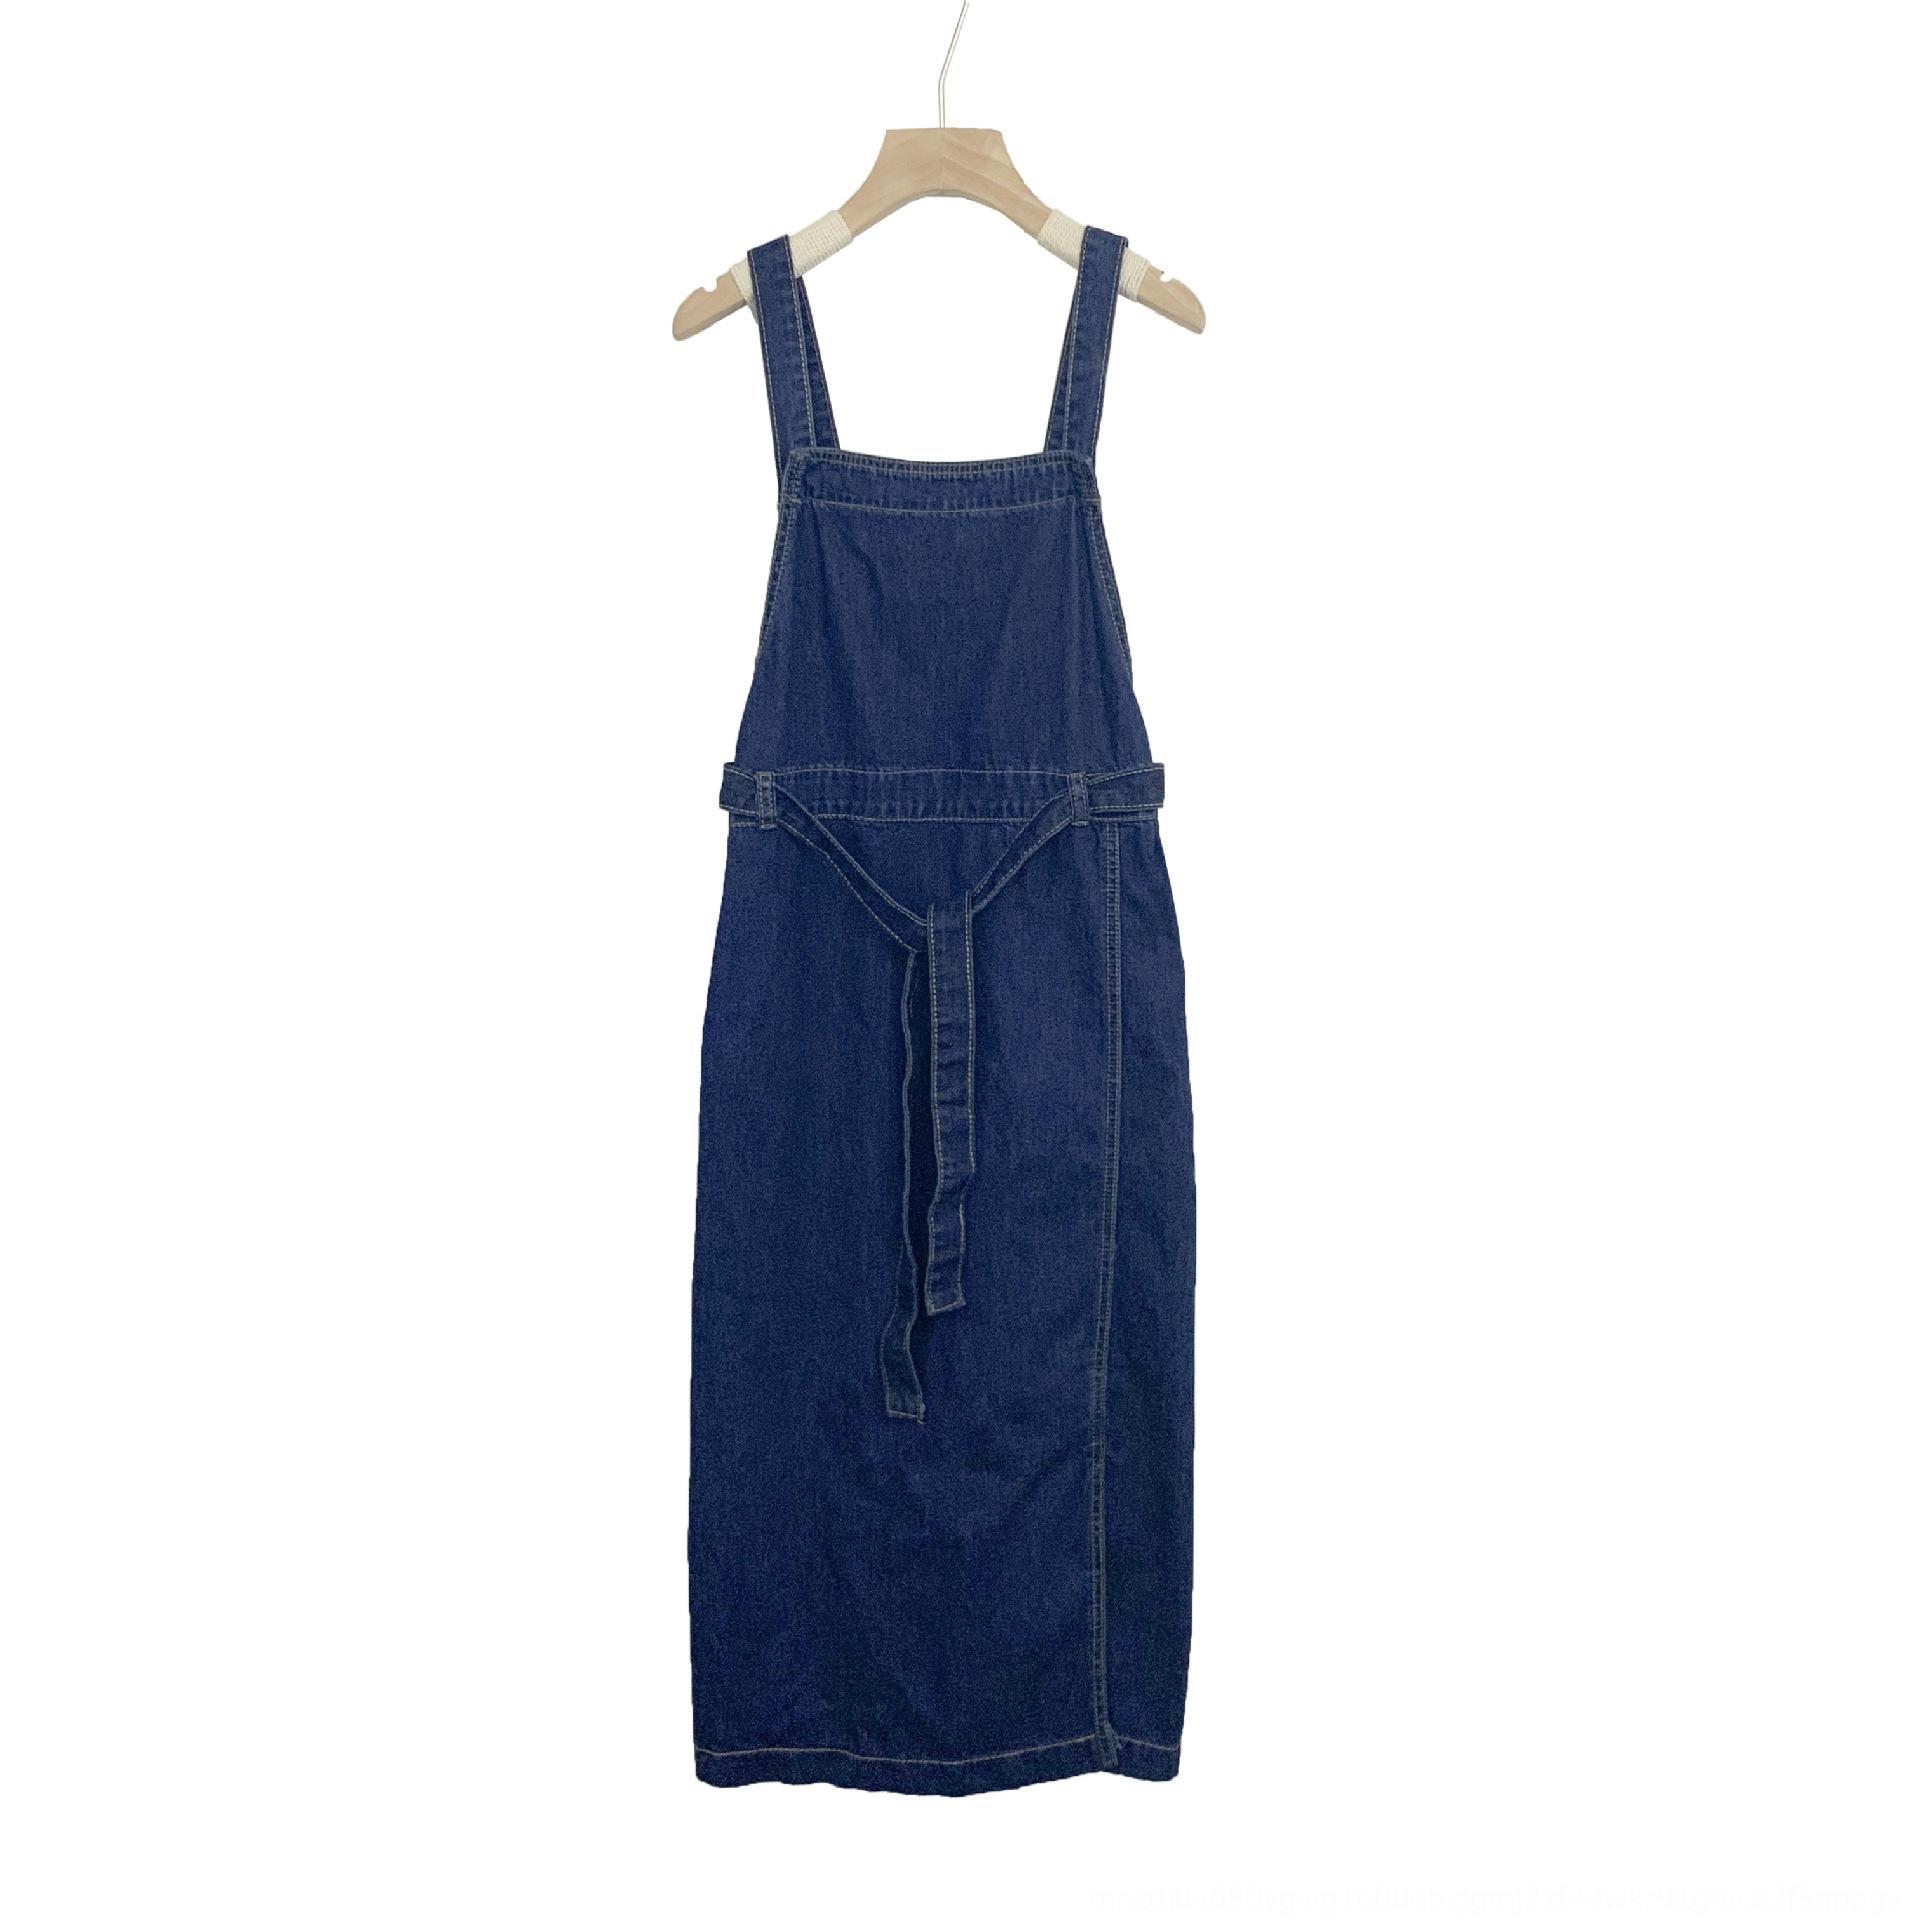 lXVsG Yuyi новых 2020 летних тонких платья лета женщин женщин стиля сыпучего похудения талия ины тонкого юбка Женских джинсовая ремень юбка женщины